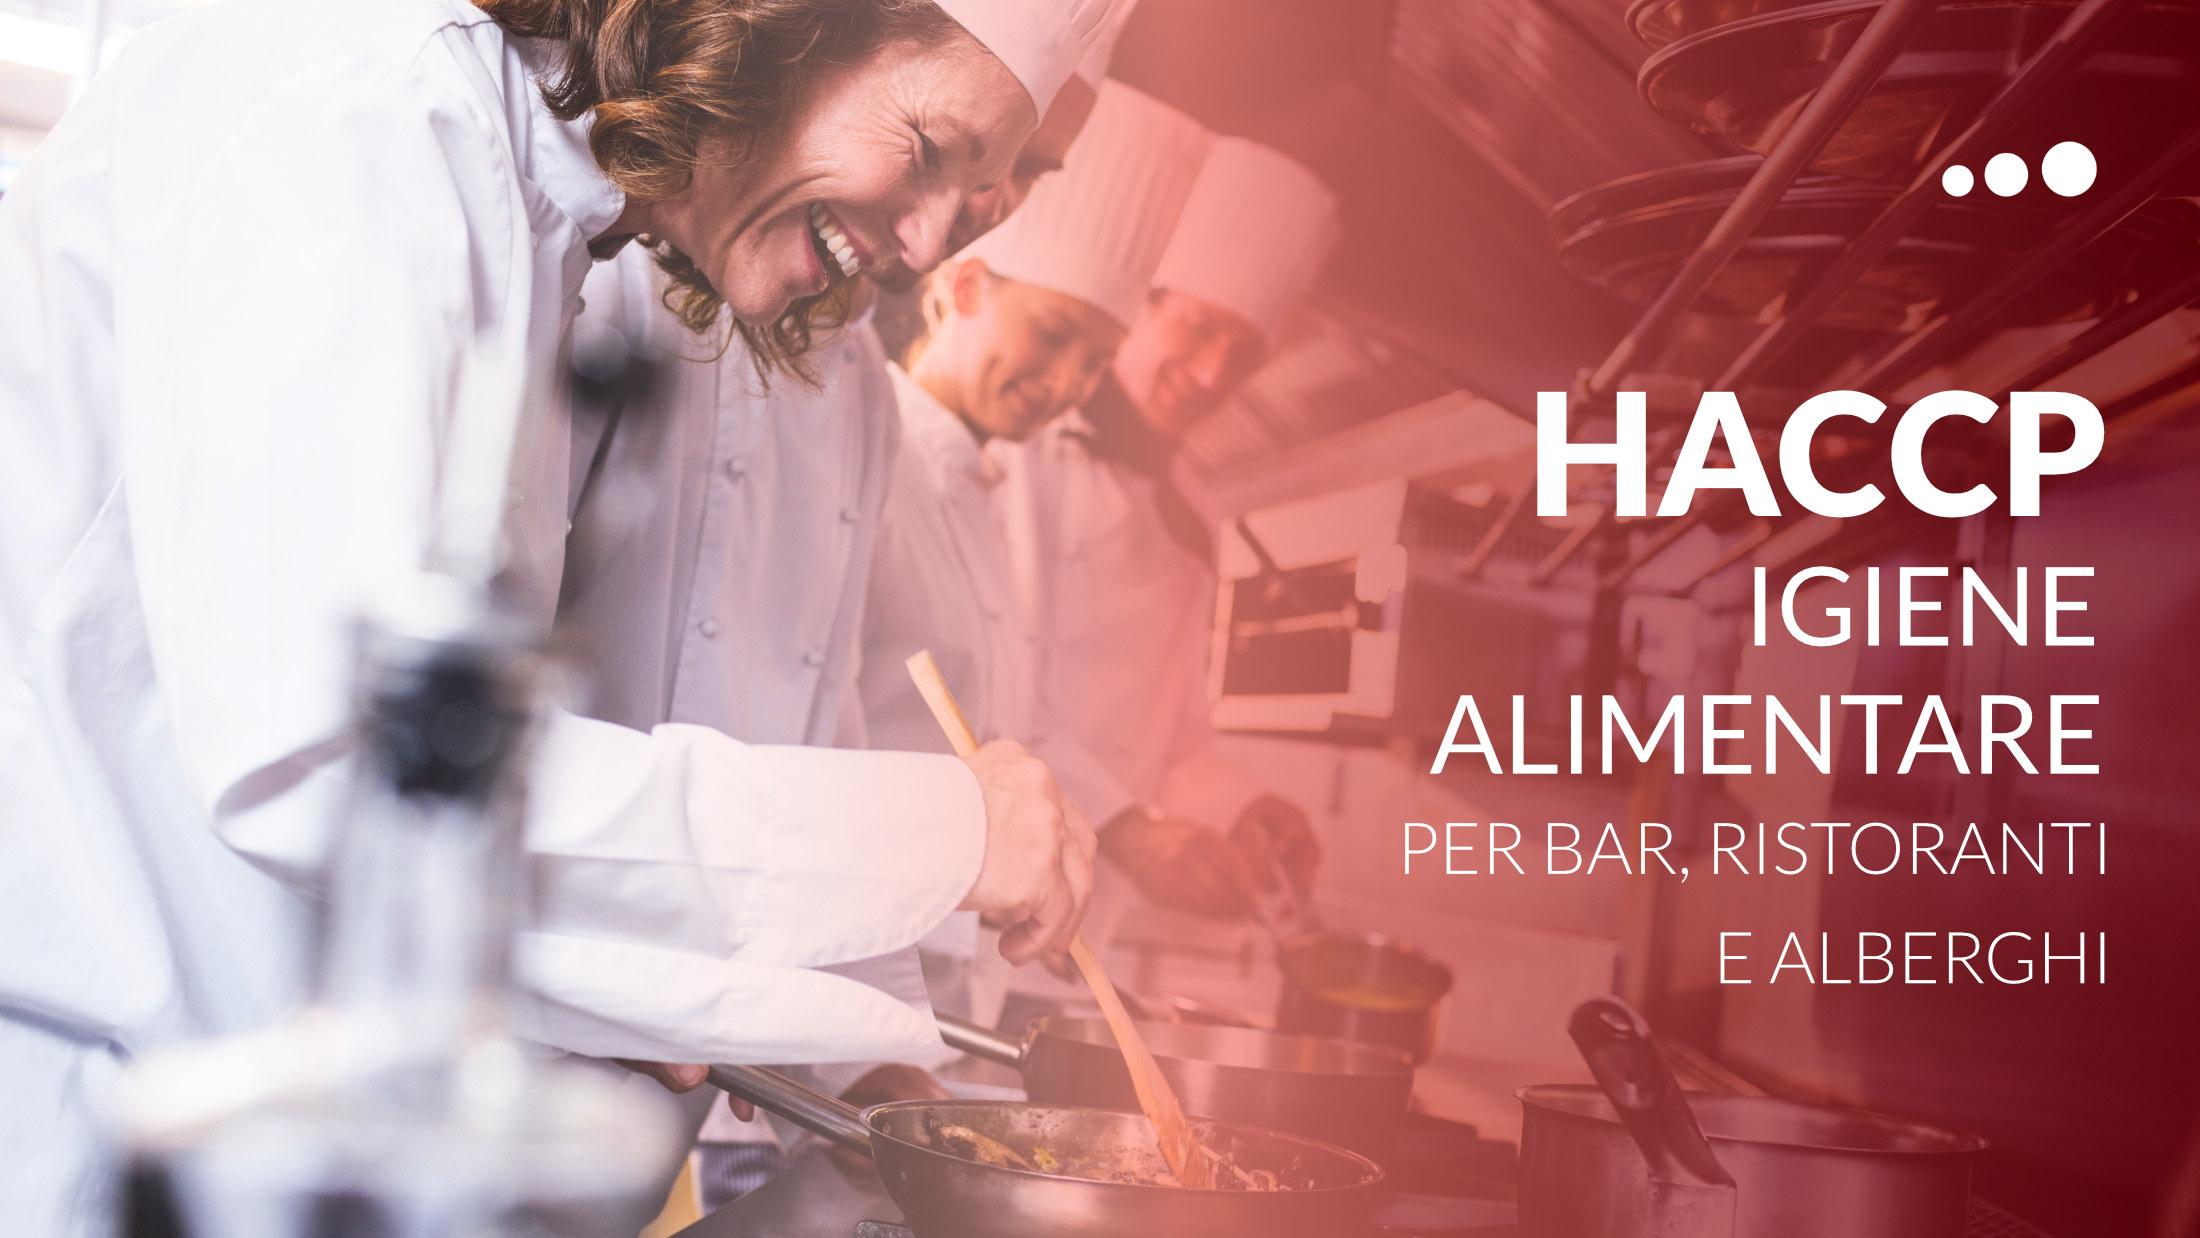 HACCP Igiene Alimentare per Bar, Ristoranti e Alberghi